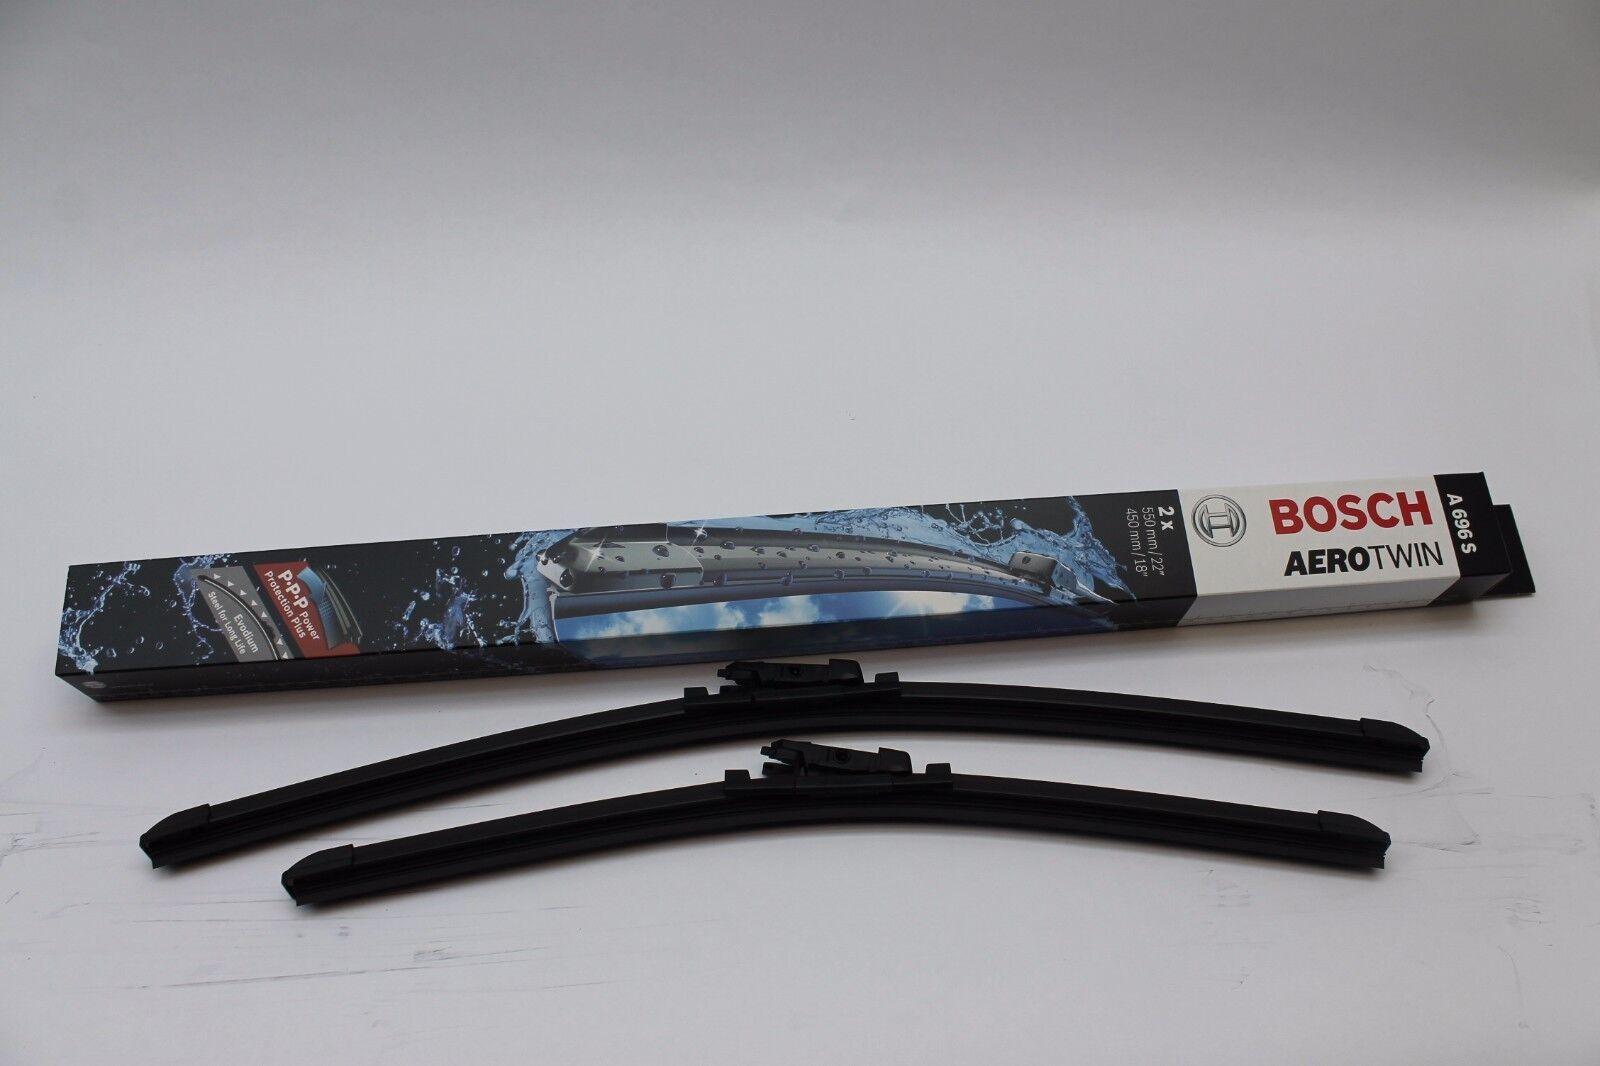 bosch aerotwin a696s scheibenwischer wischerbl tter satz f r 1er bmw f20 f21 ebay. Black Bedroom Furniture Sets. Home Design Ideas